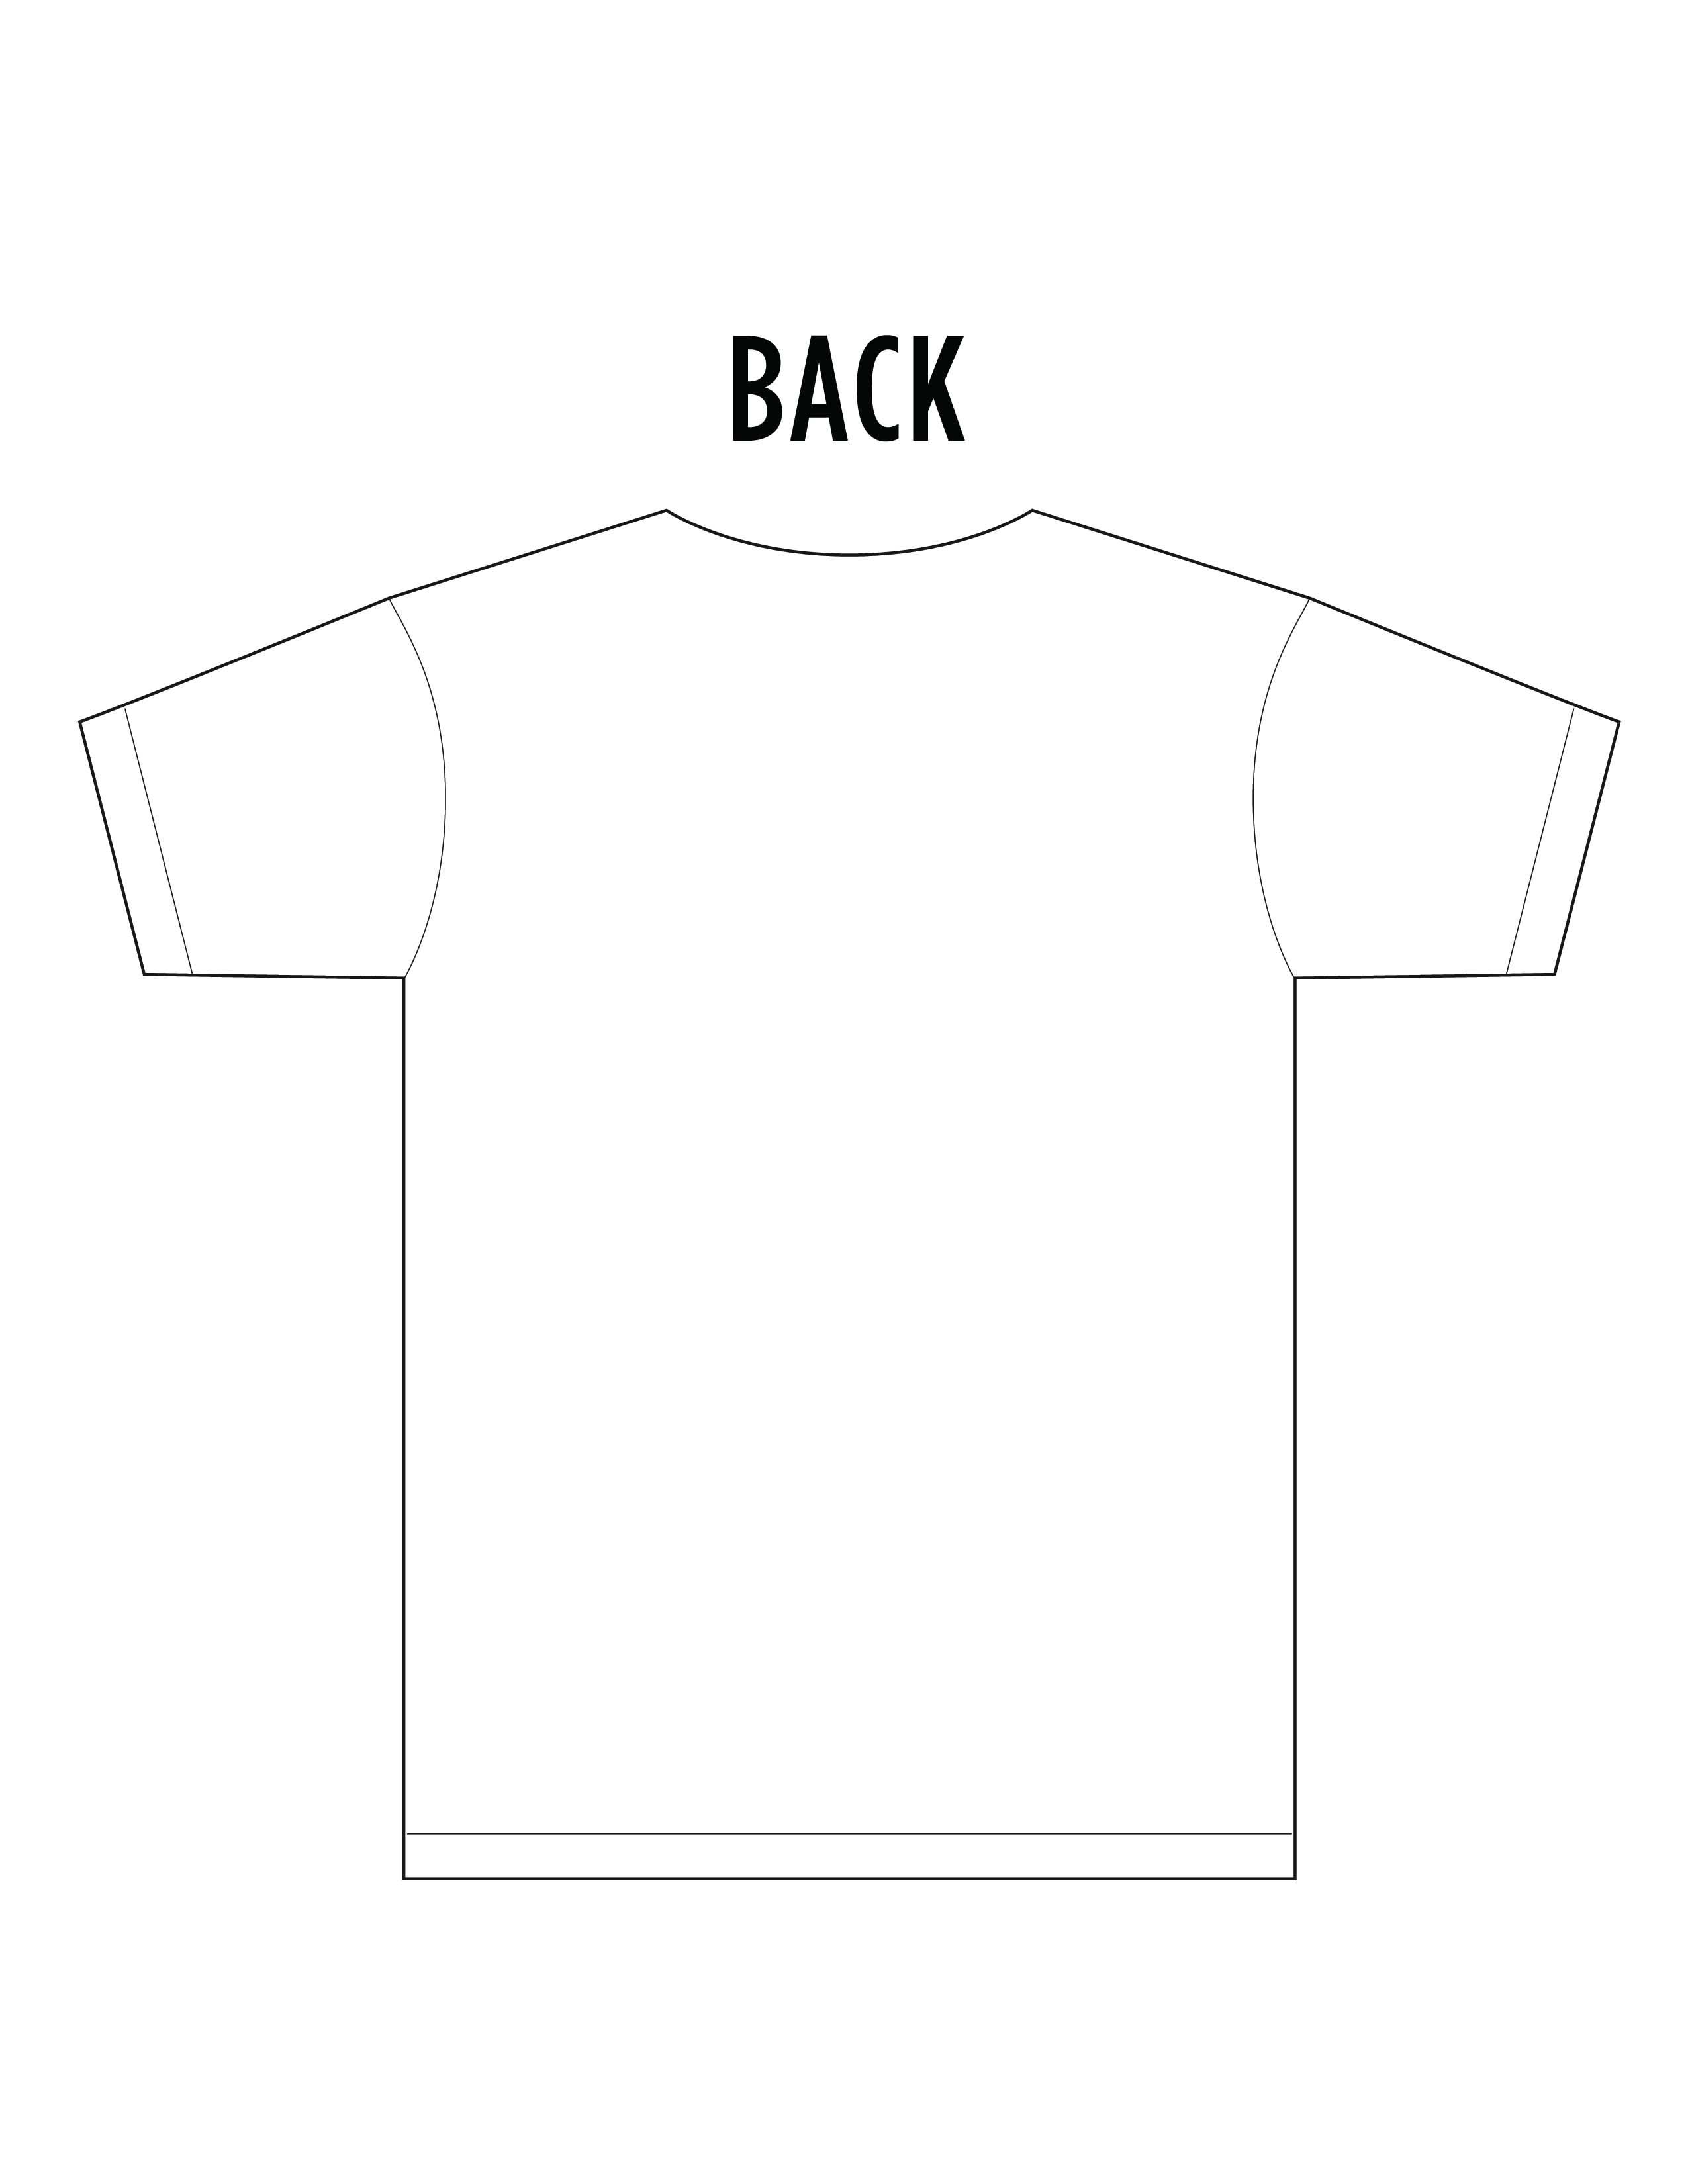 Gemütlich T Shirt Photoshop Vorlage Bilder - Entry Level Resume ...